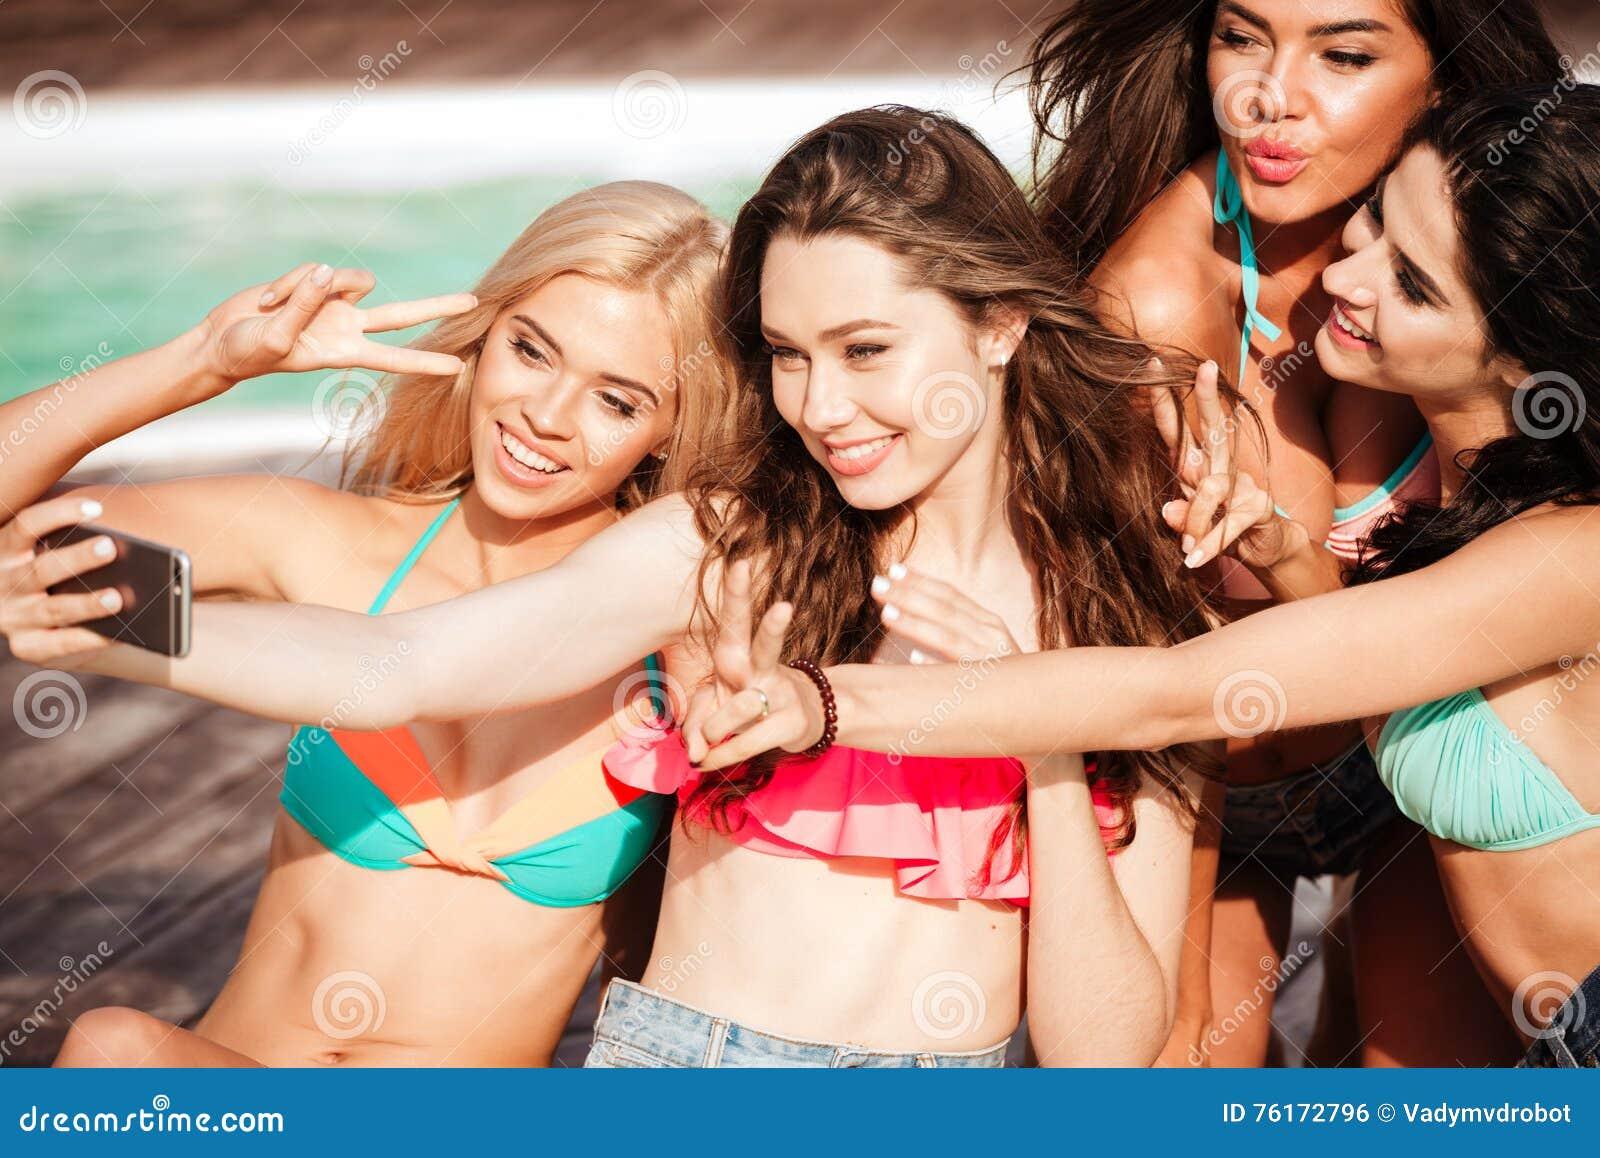 girls in bikinis making o